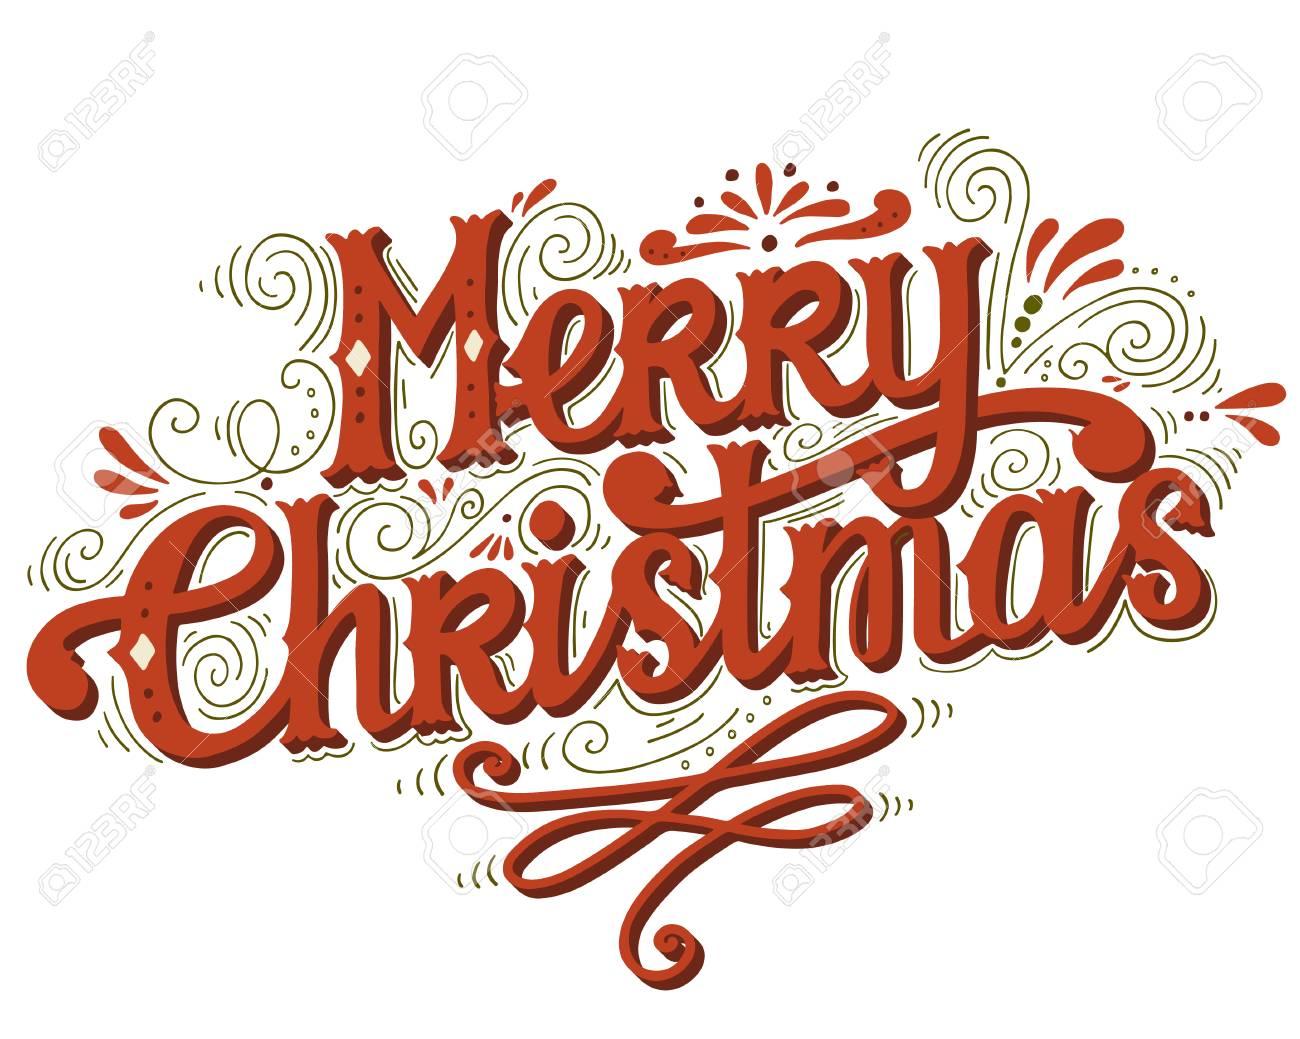 Immagini Con Scritte Di Buon Natale.Buon Natale Poster Retro Con Scritte A Mano E Decorazione Elementi Questa Illustrazione Puo Essere Utilizzato Come Biglietto Di Auguri Poster O La